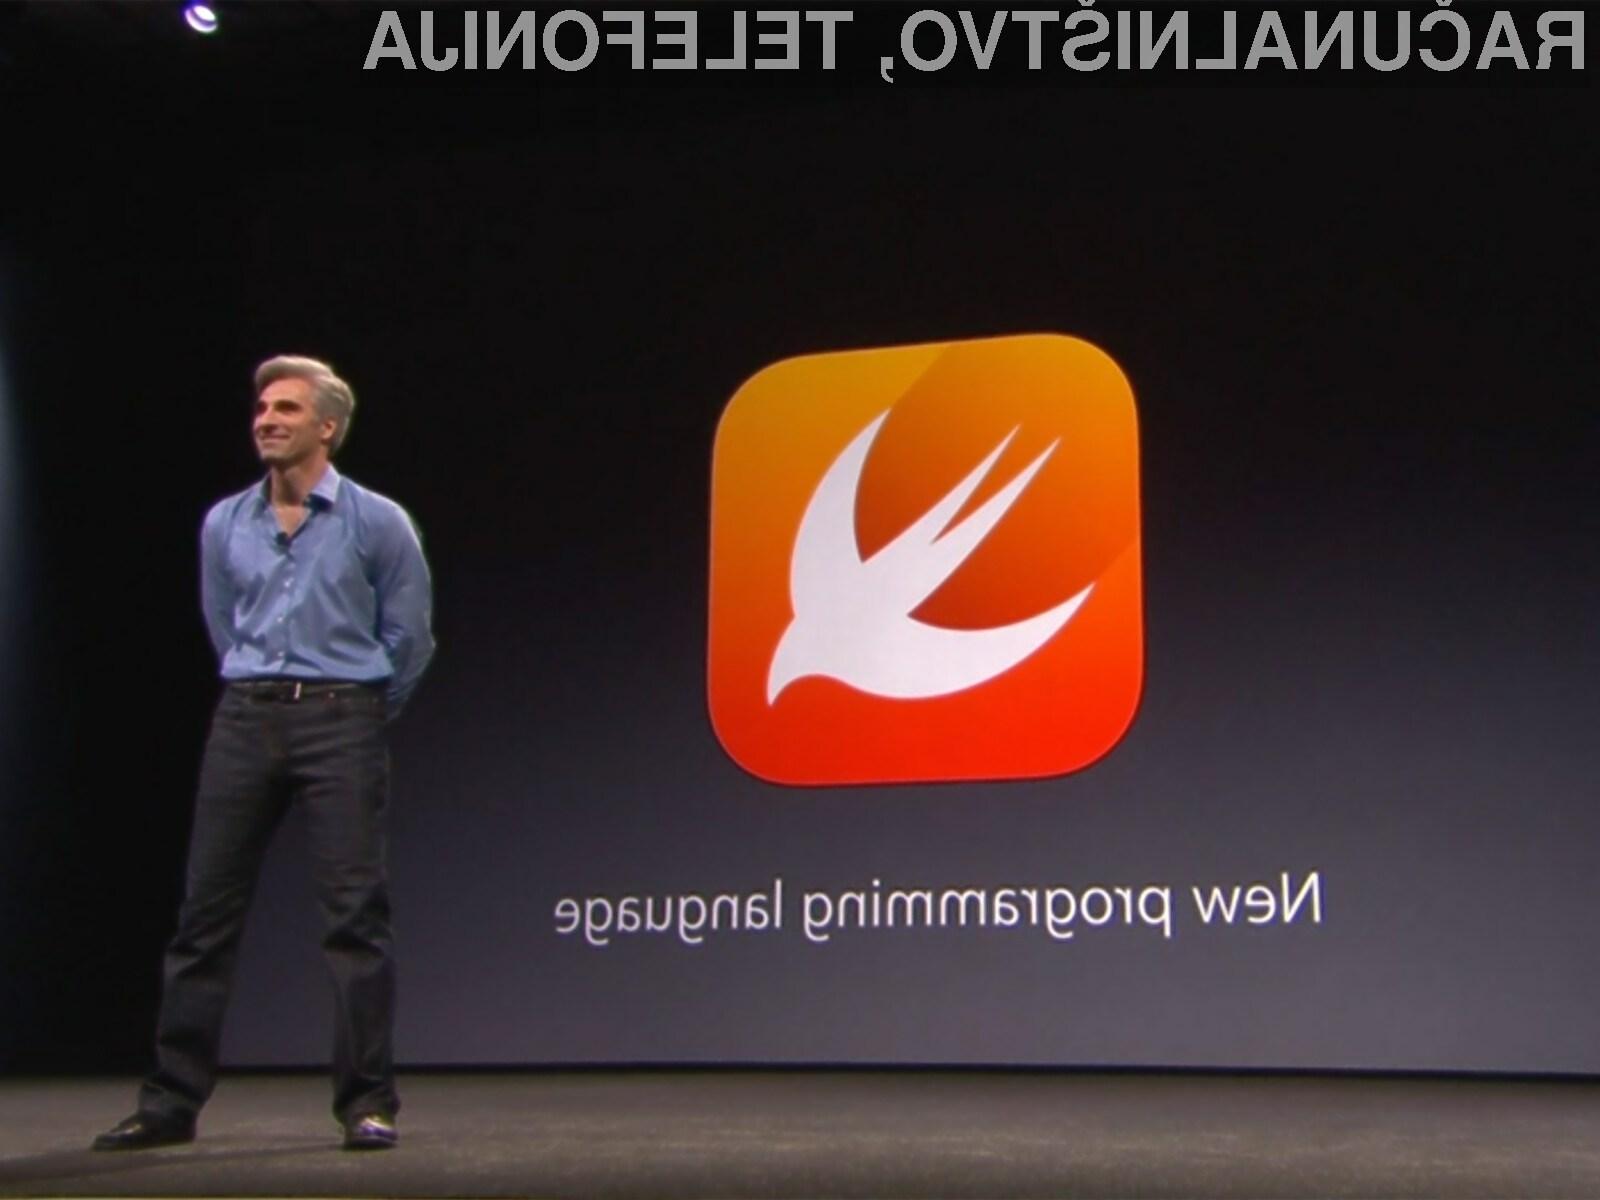 Operacijski sistem Google Fuchsia bo nudil podporo tudi za Applov programski jezik Swift.